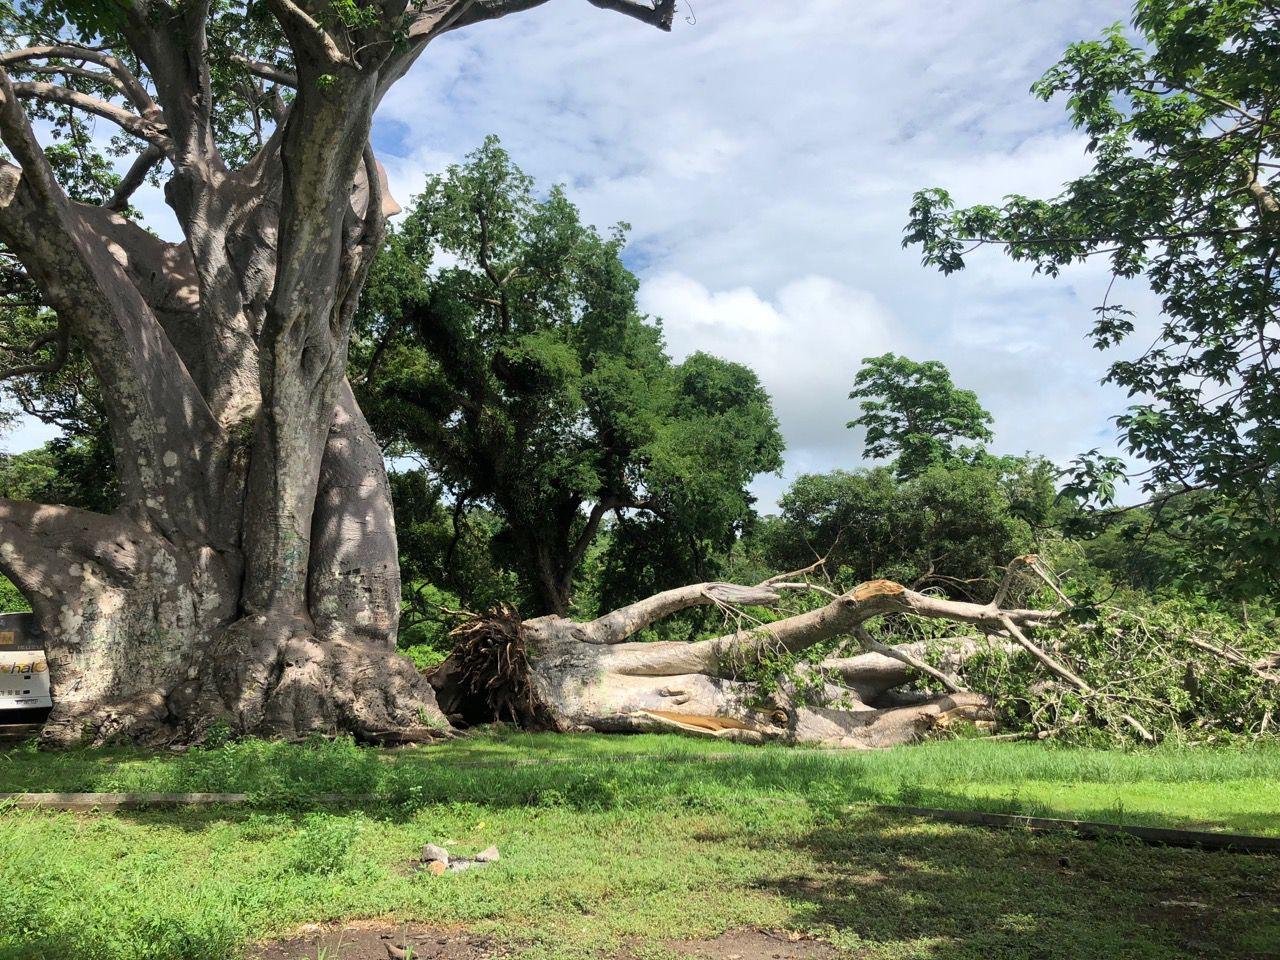 Un des baobabs de Musicale Plage s'est écroulé le 13-01-2019